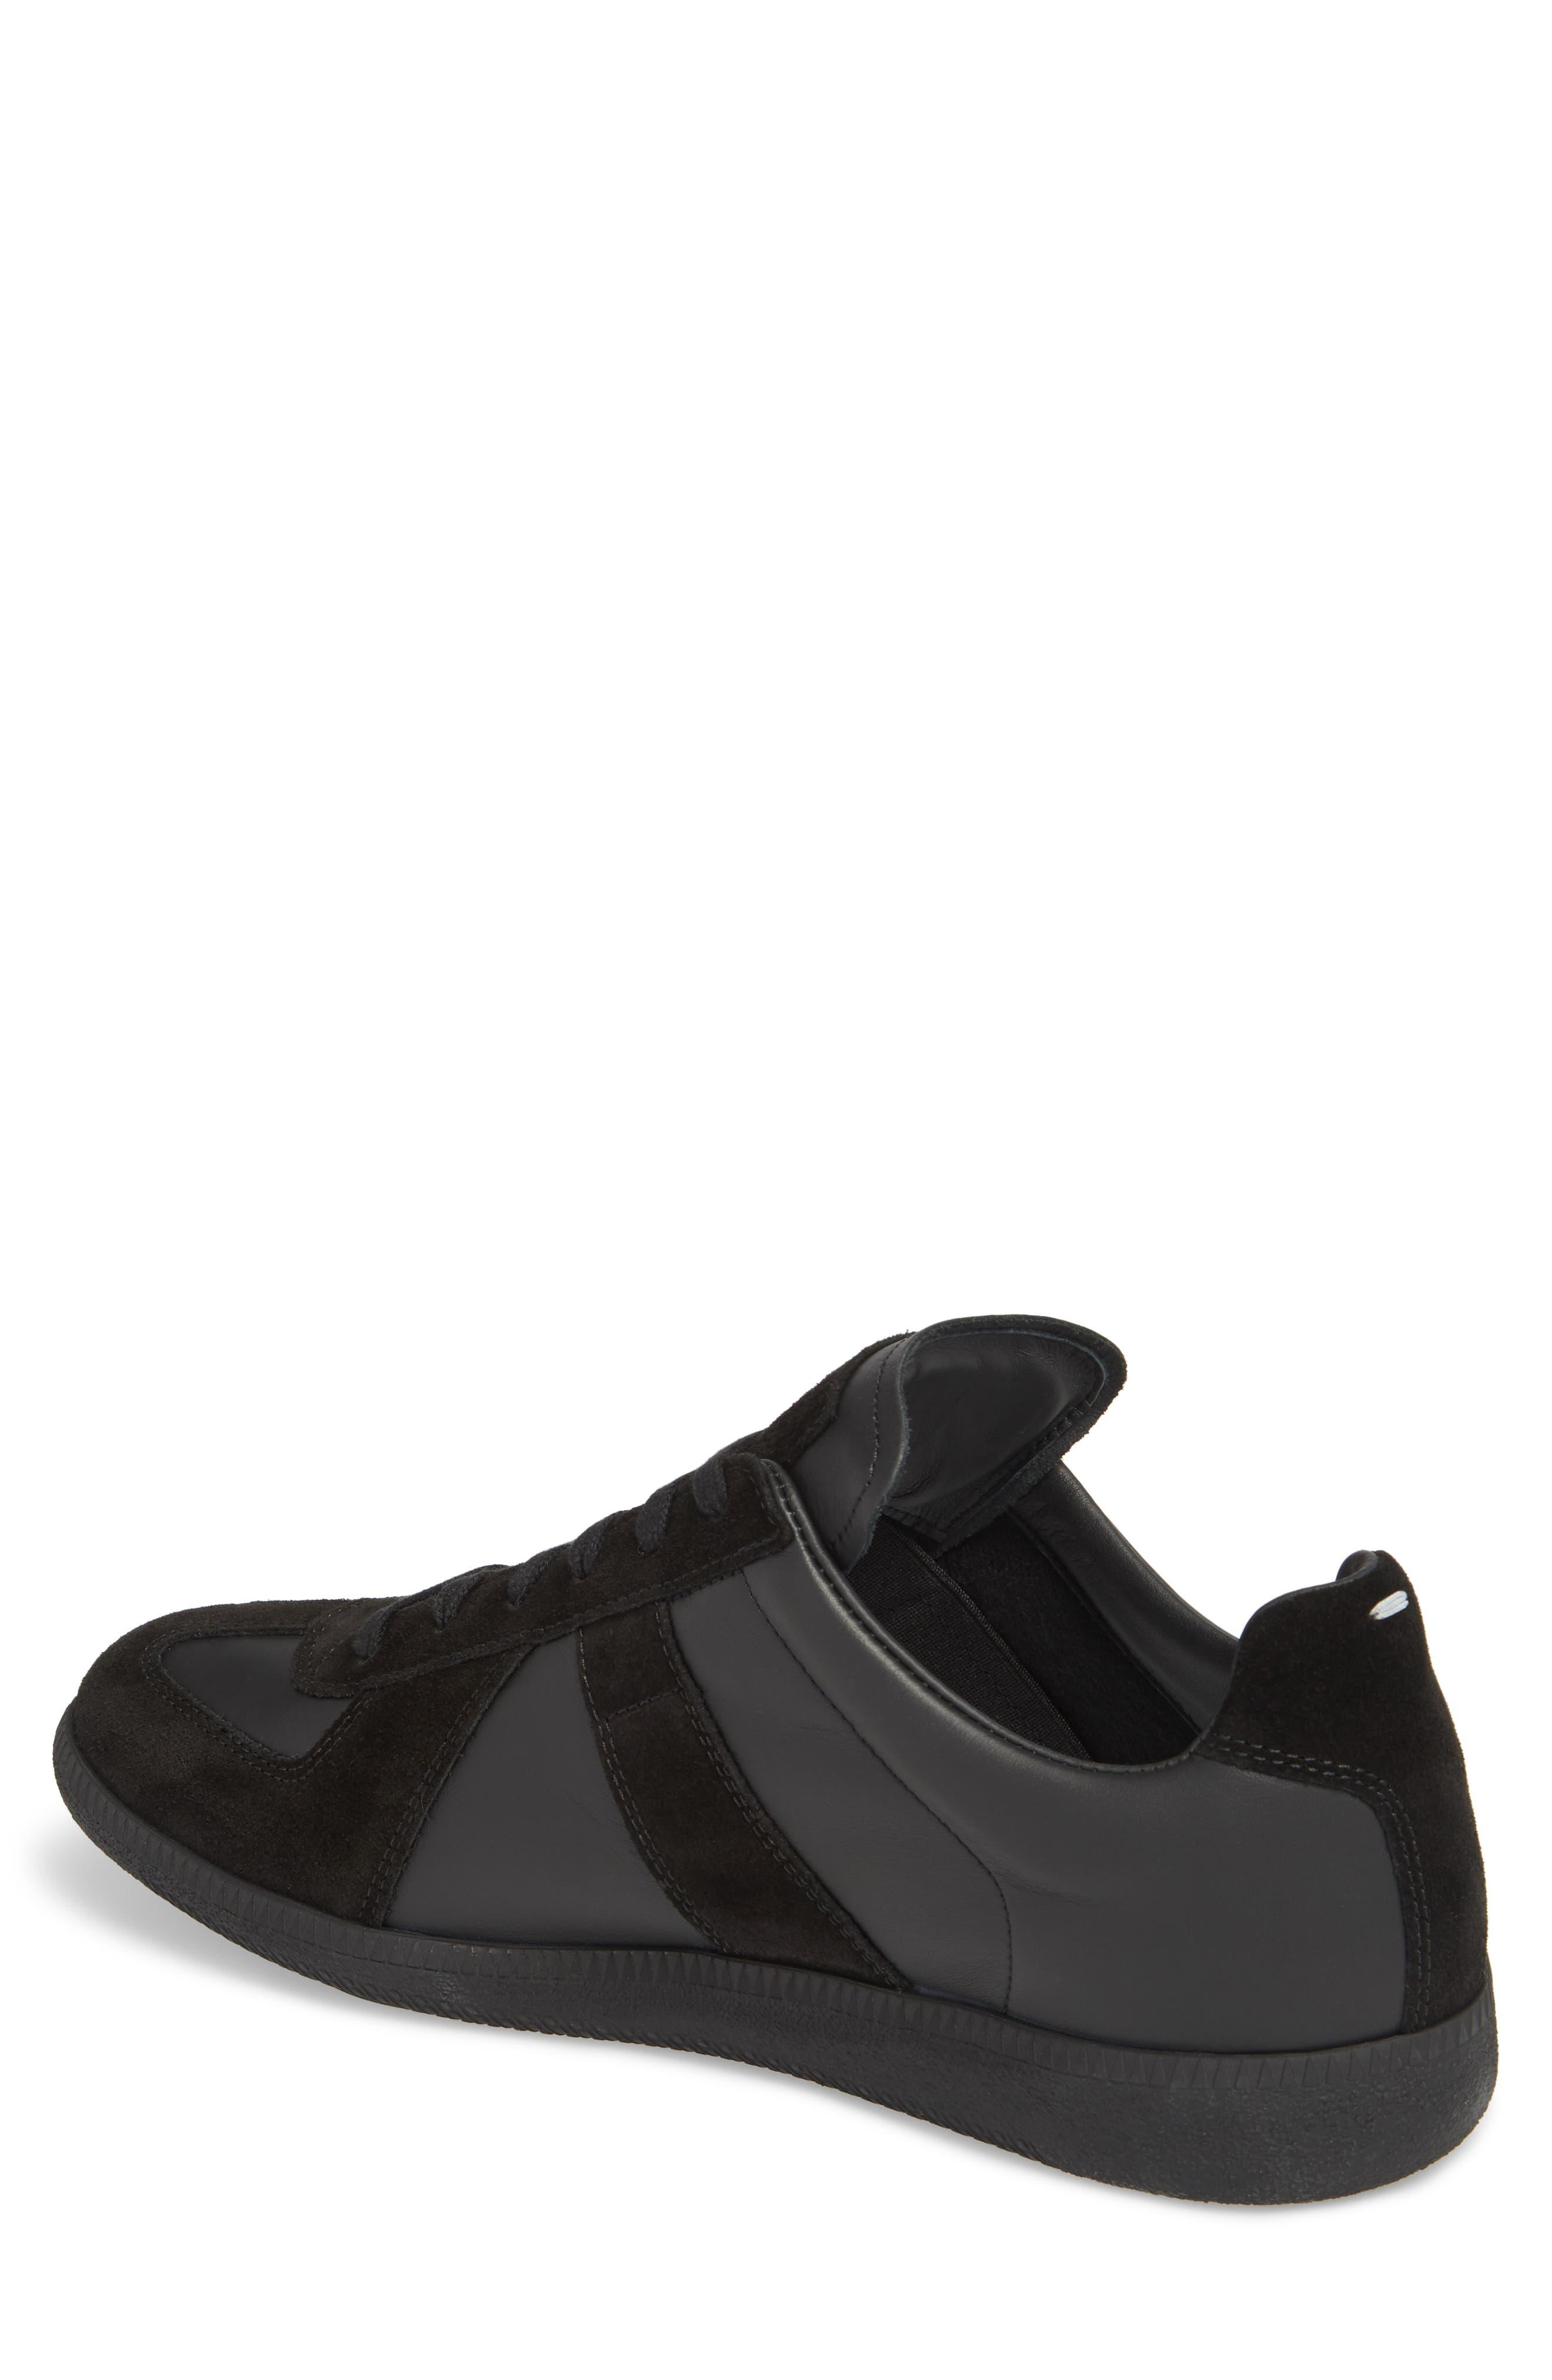 MM6 MAISON MARGIELA, Maison Margiela Replica Low Top Sneaker, Alternate thumbnail 2, color, BLACK